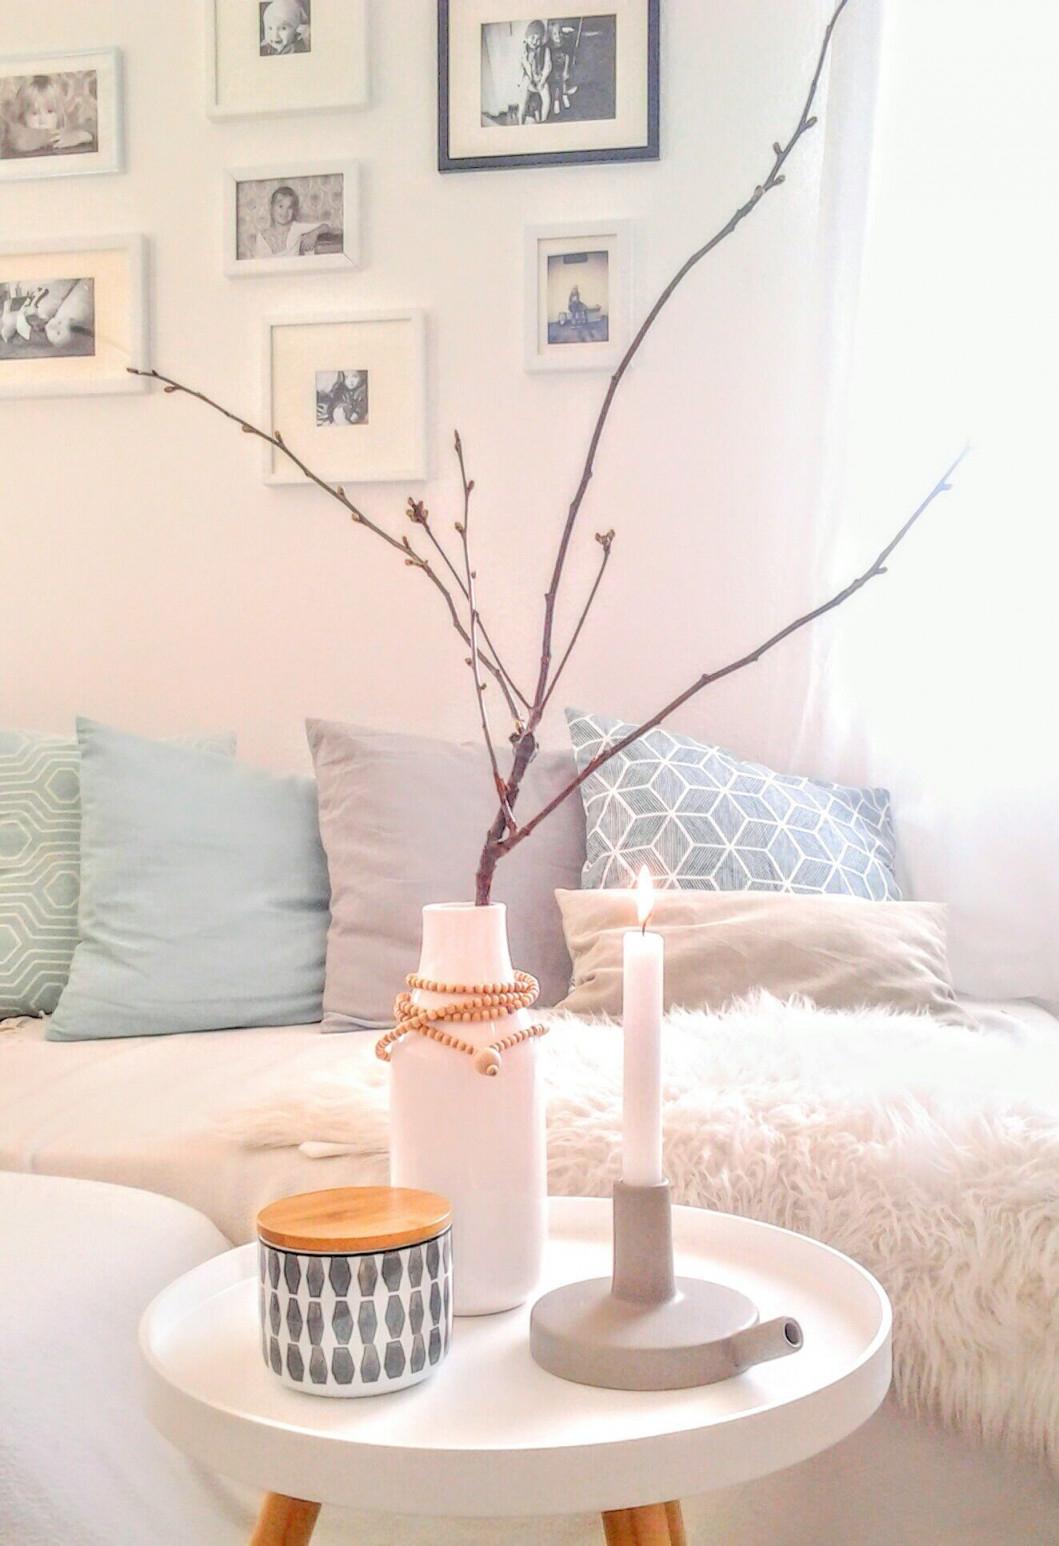 Die Schönsten Wohnzimmer Deko Ideen von Edle Deko Für Wohnzimmer Bild